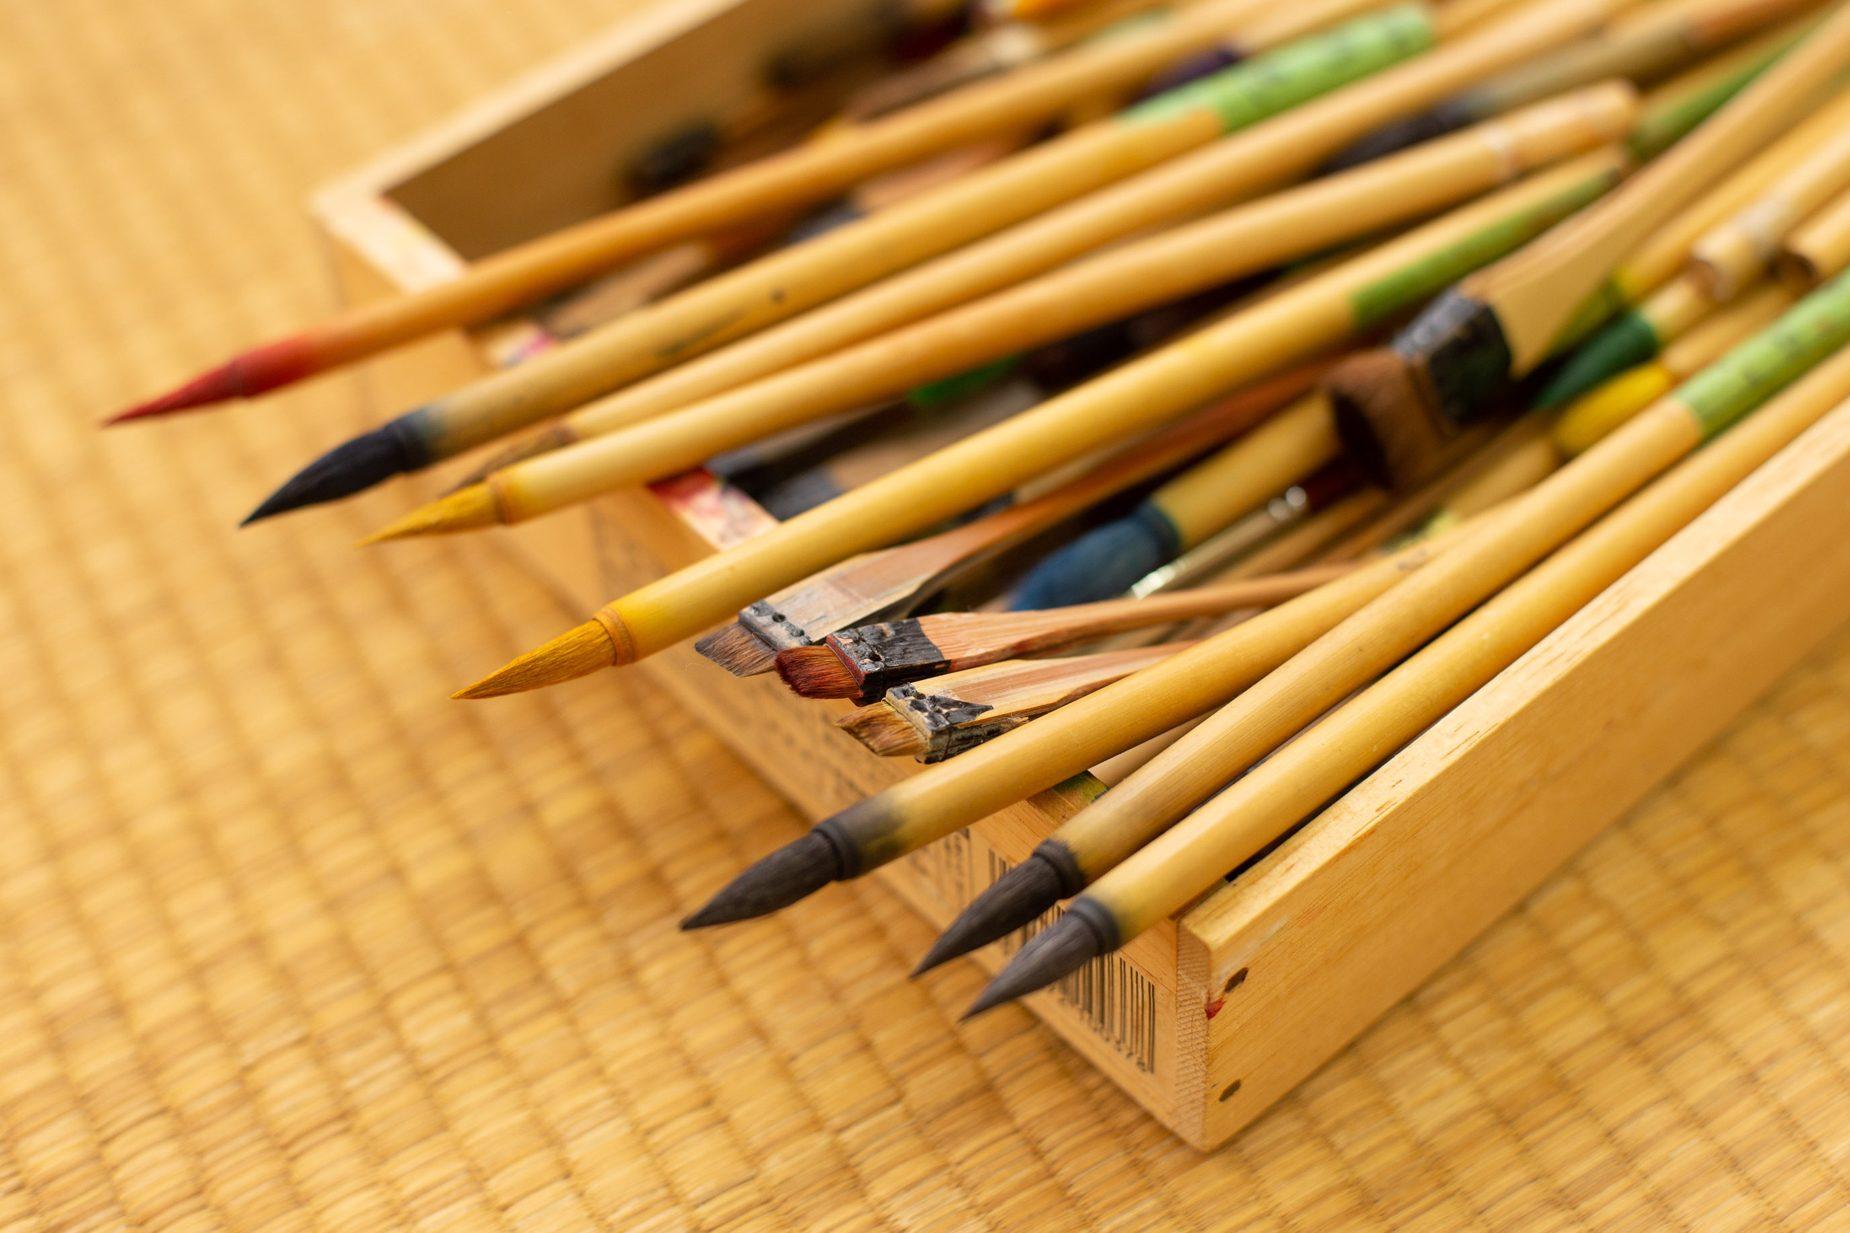 上仲さんが使用している筆。今回使った形の筆以外に、グラデージョンを作る際に使う筆(刷毛)など様々な種類があります。